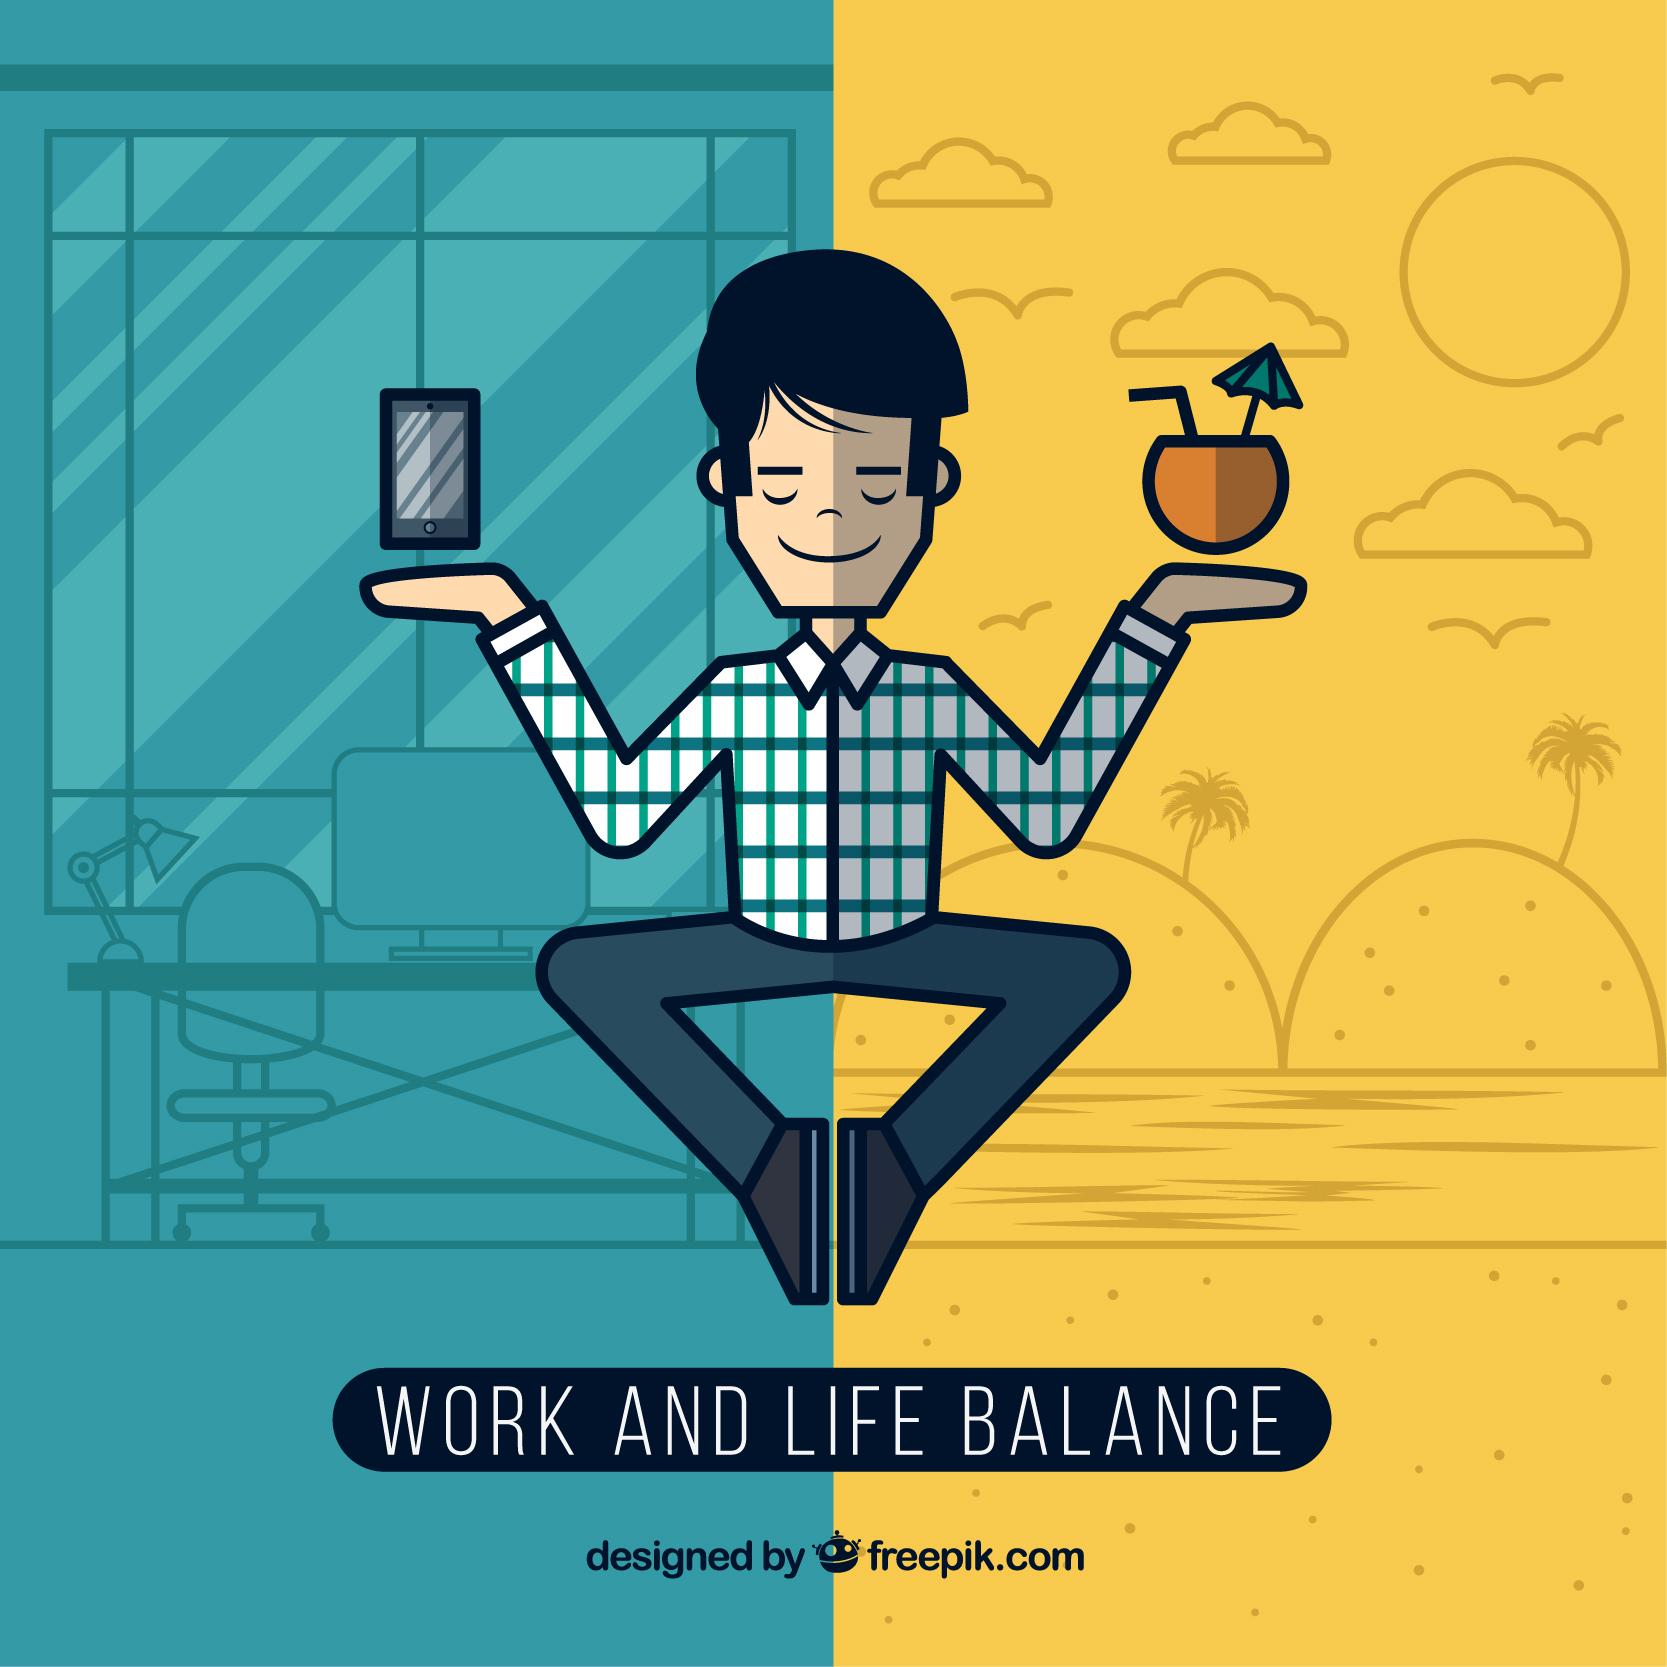 vacaciones, empleo, trabajo, búsqueda laboral